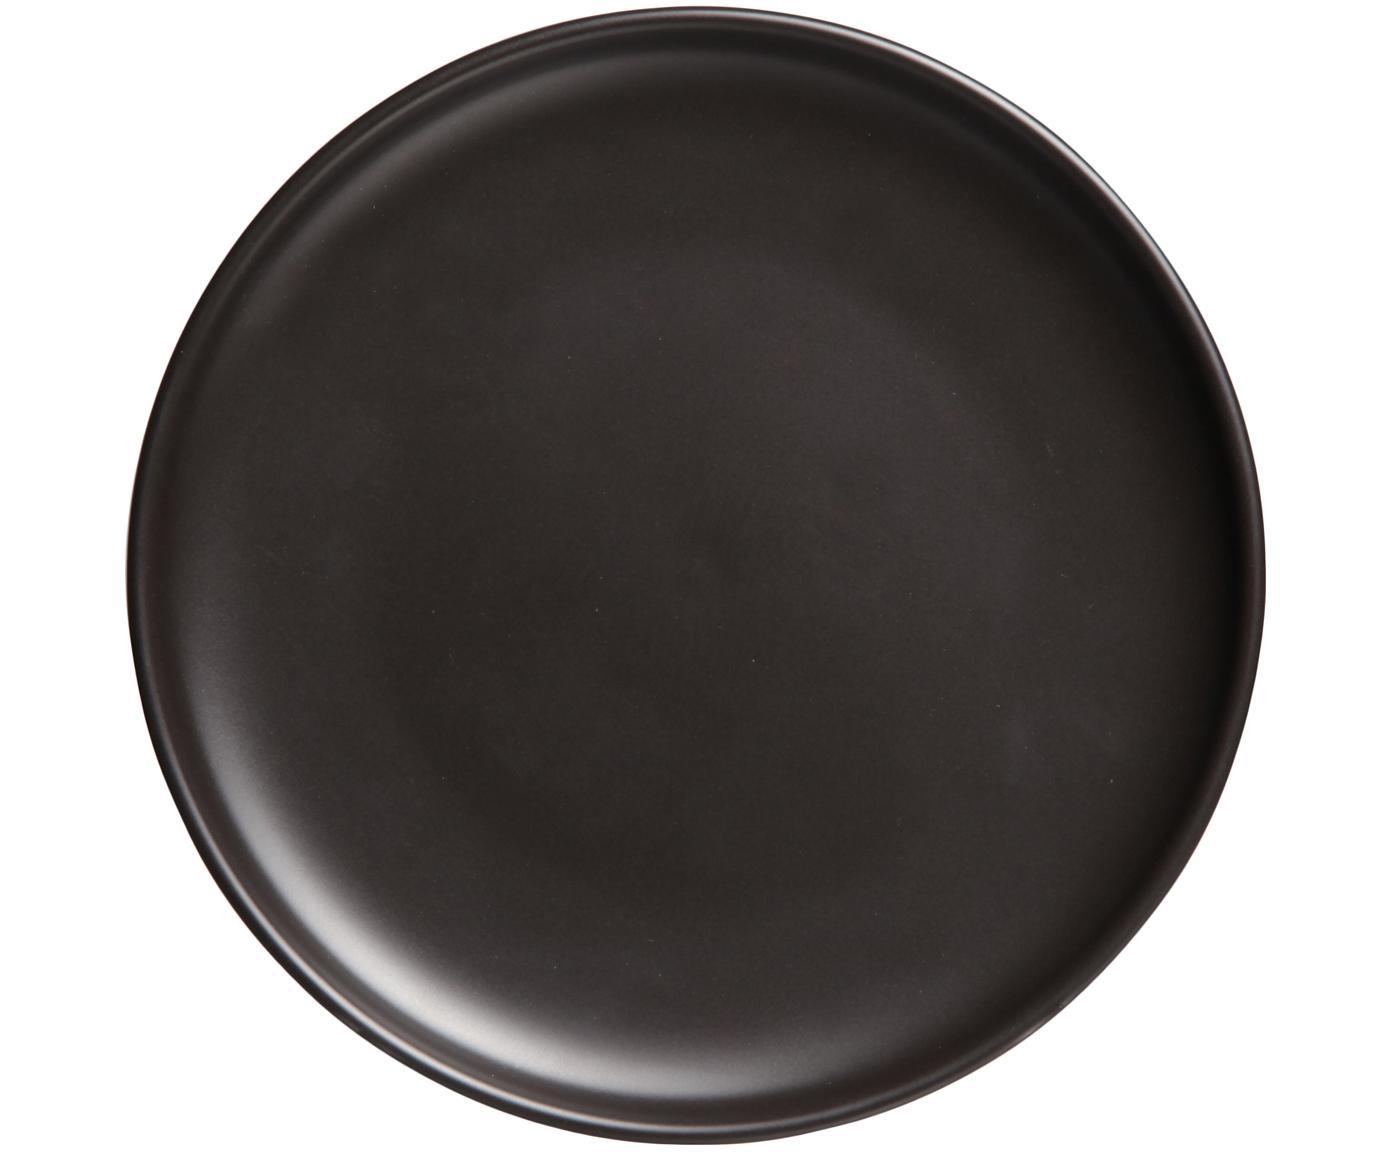 Frühstücksteller Okinawa in Schwarz matt, 6 Stück, Keramik, Schwarz, matt, Ø 20 cm